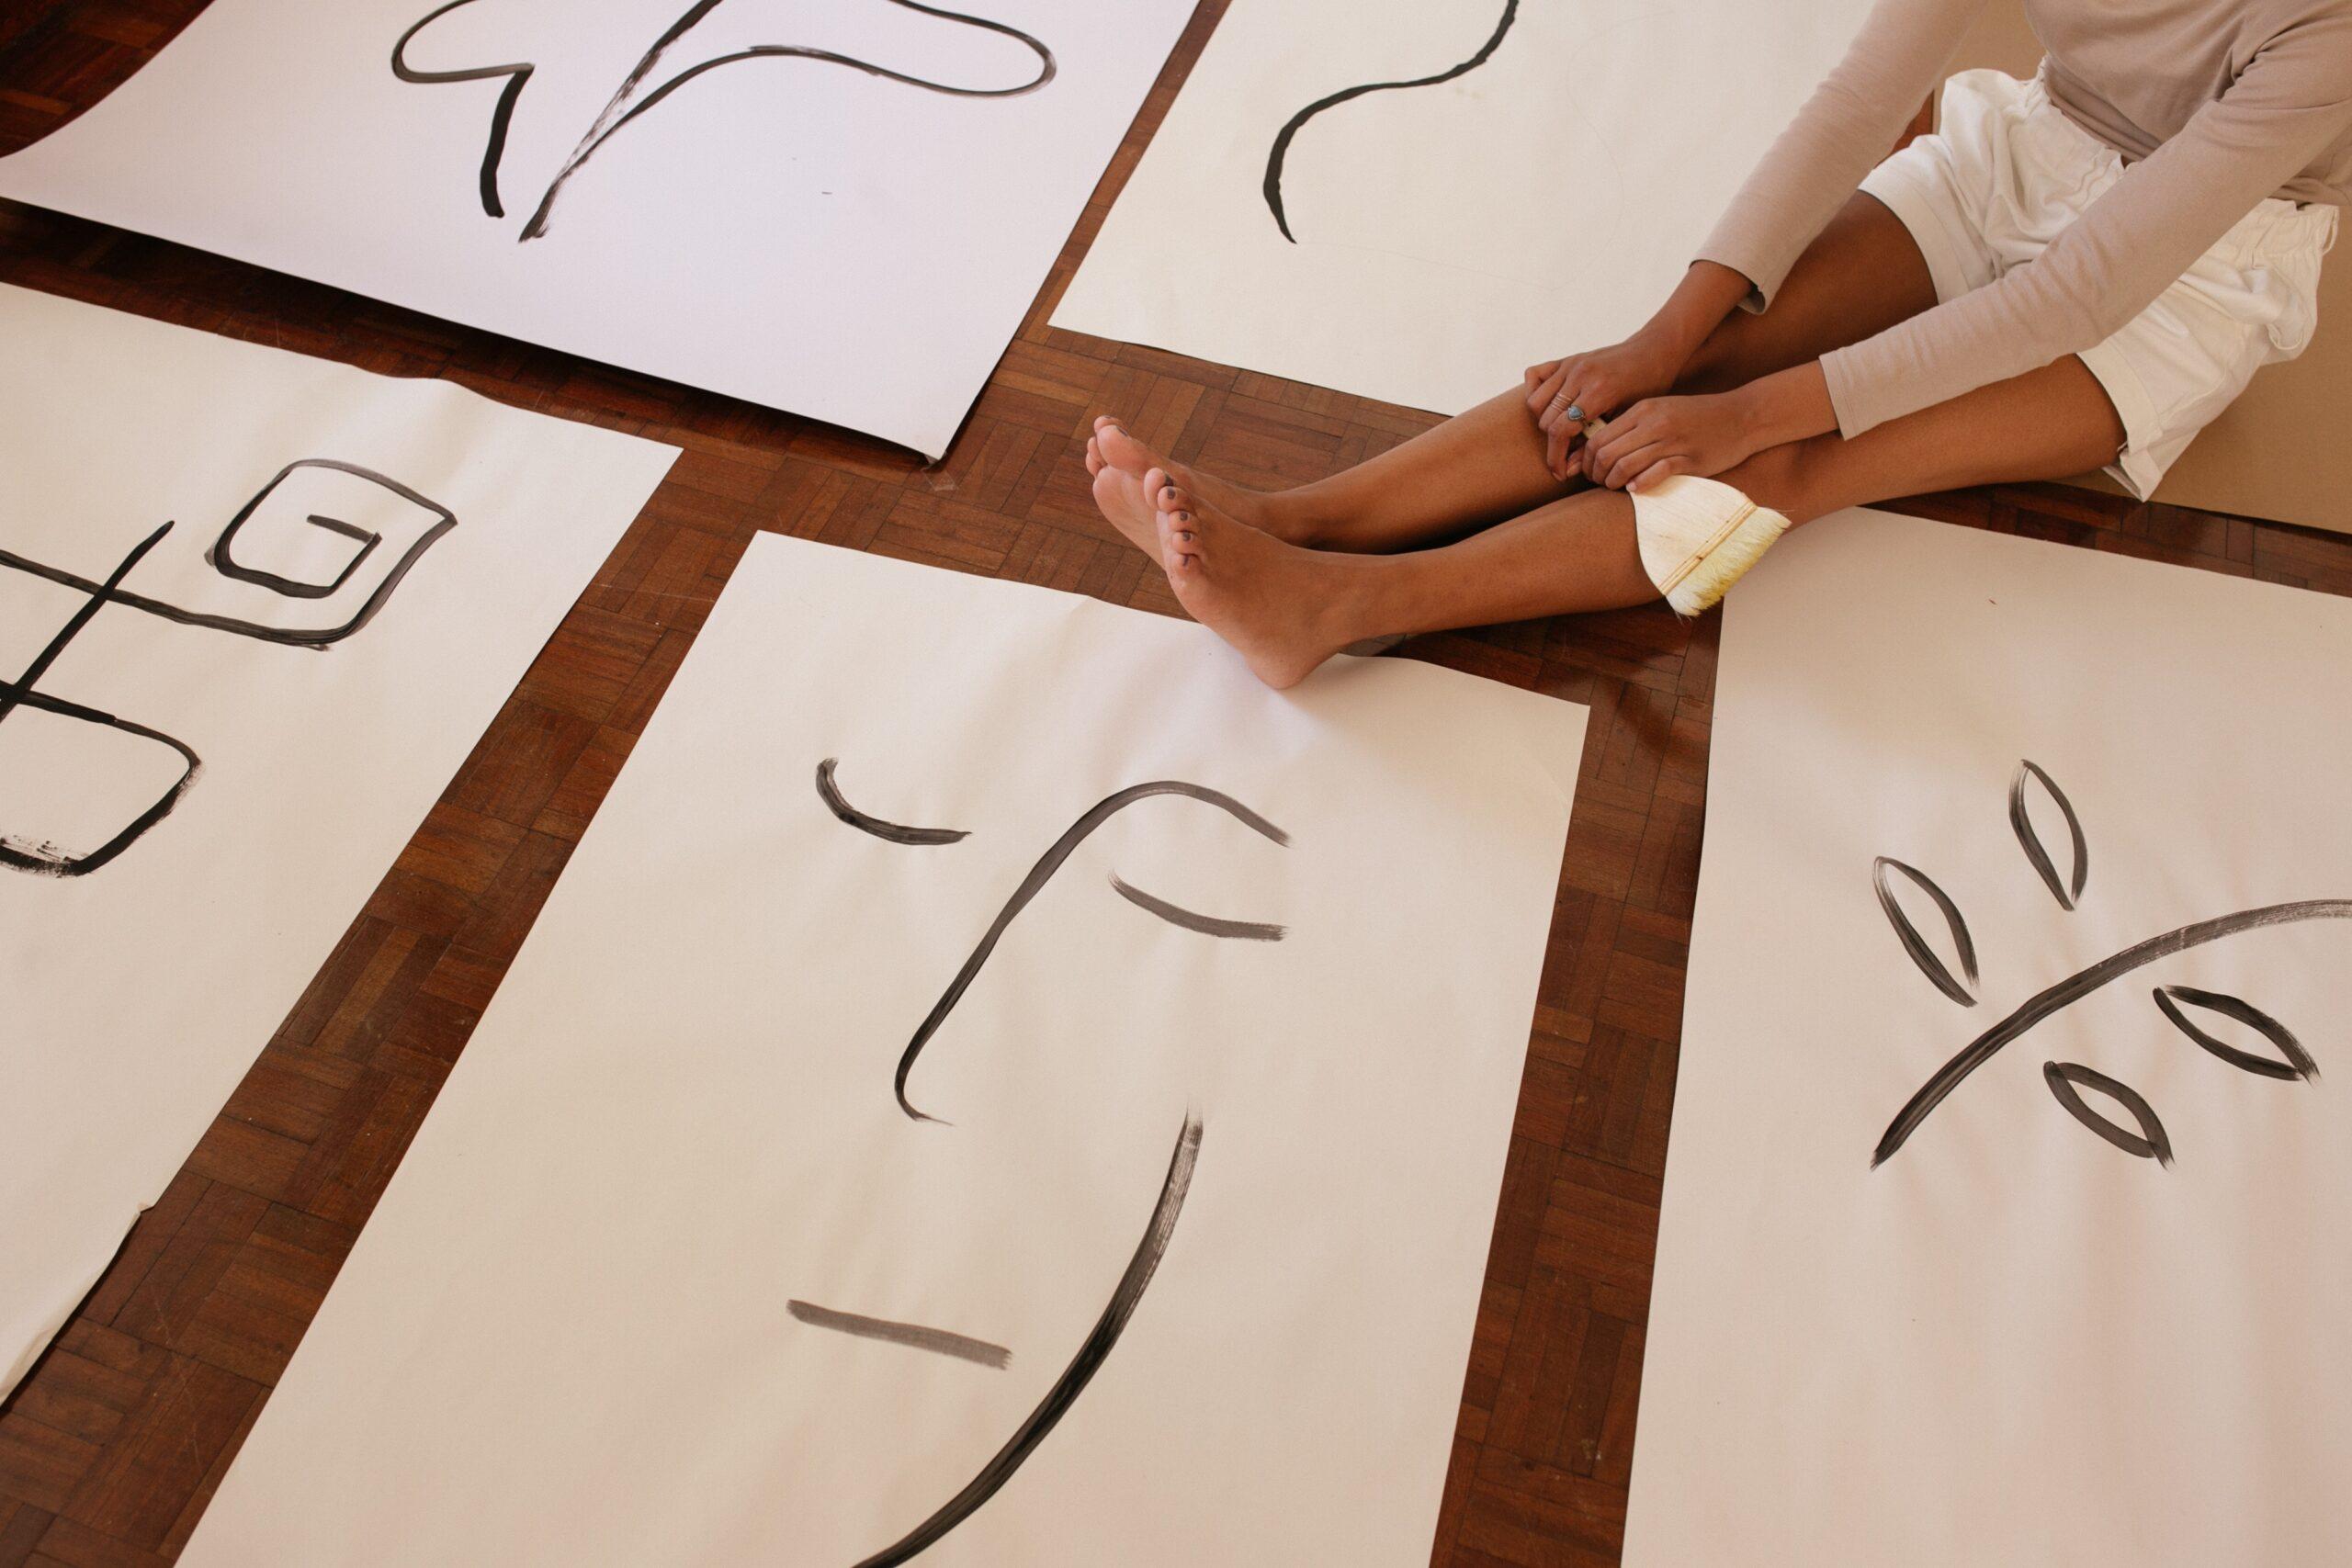 Exposición MEH: 'Yacimiento. Doce artistas, doce visiones'